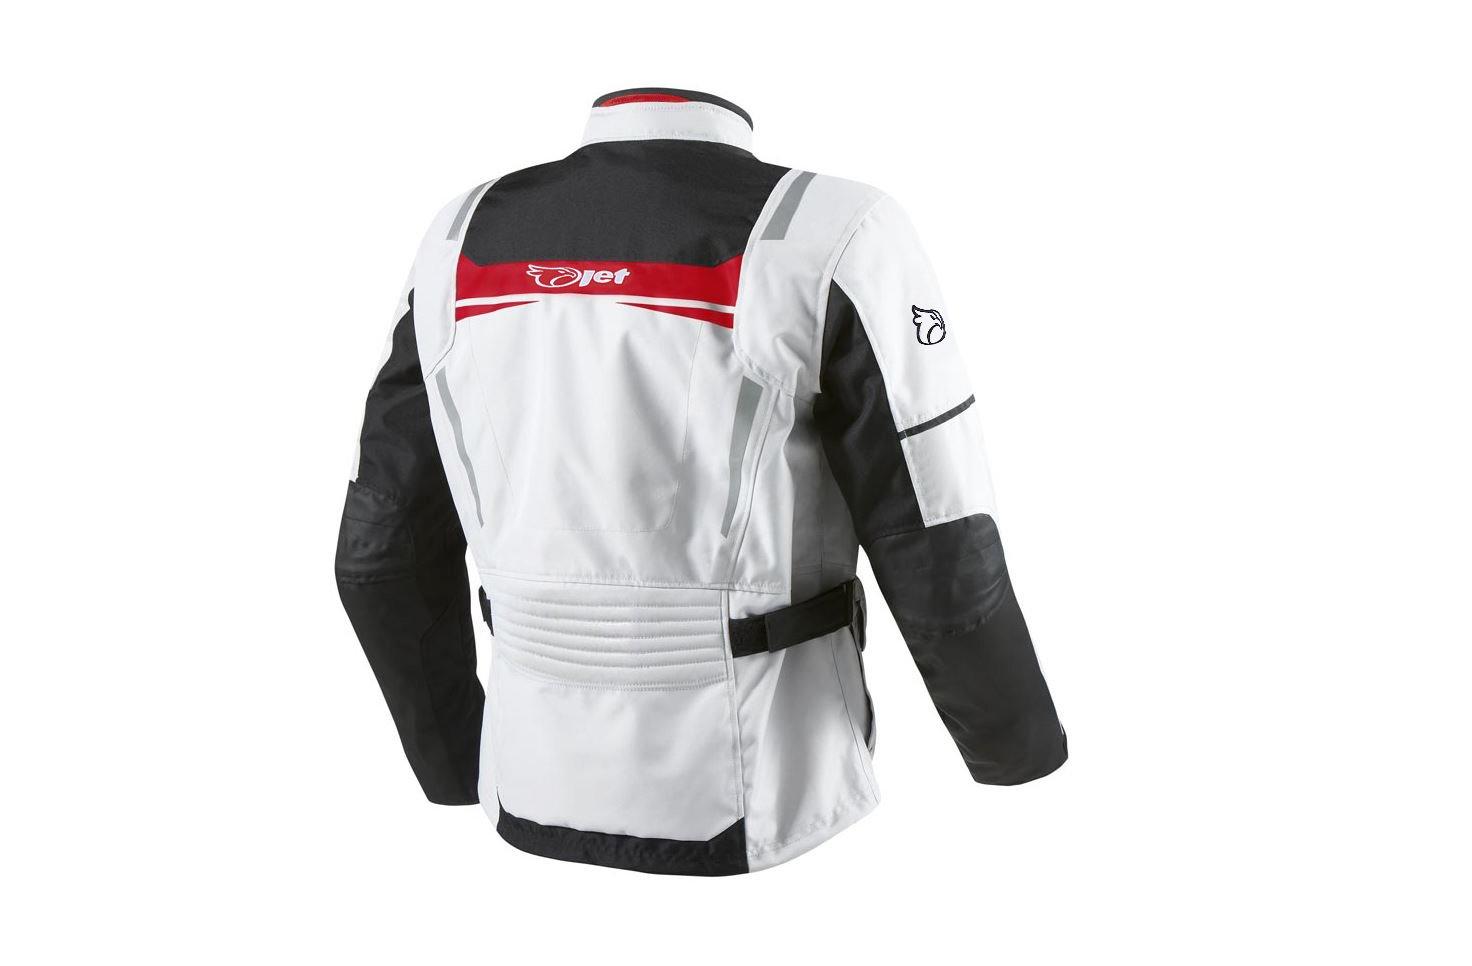 JET Blouson Veste Moto Homme Imperm/éable avec Armure Textile Aquatex EU 60-62 Blanc Rouge, 5XL